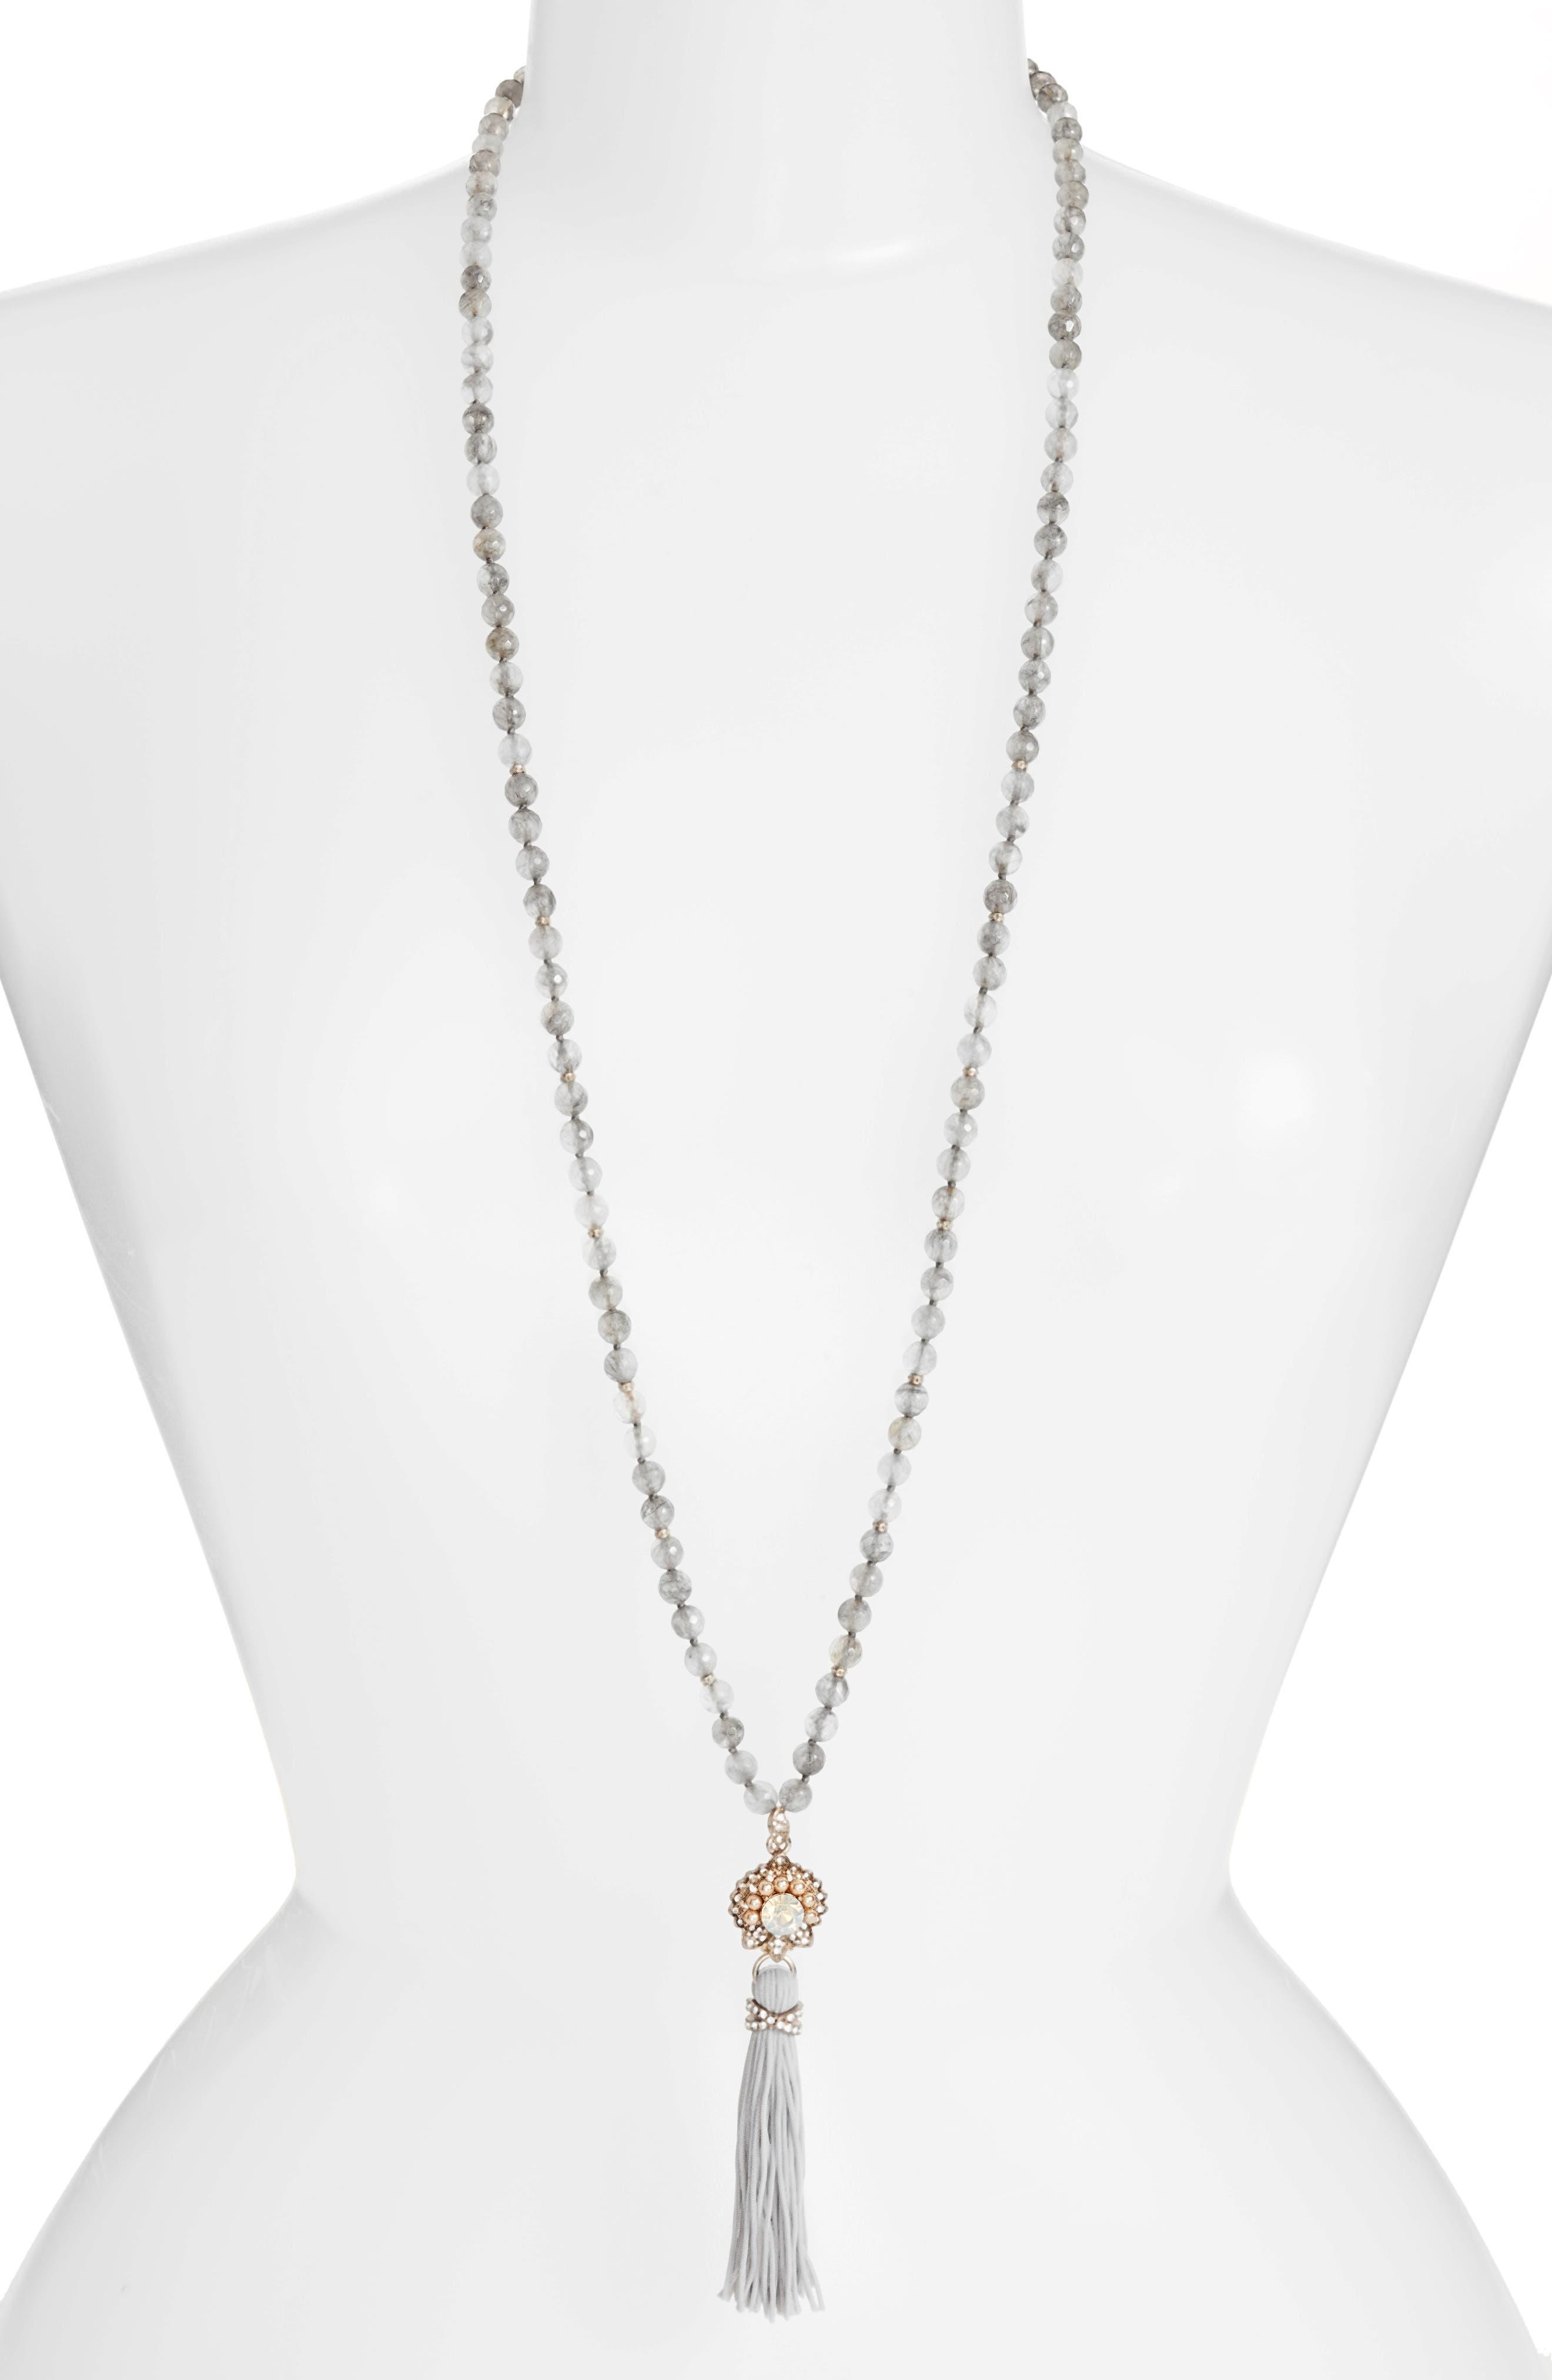 Tassel Pendant Necklace,                             Main thumbnail 1, color,                             020